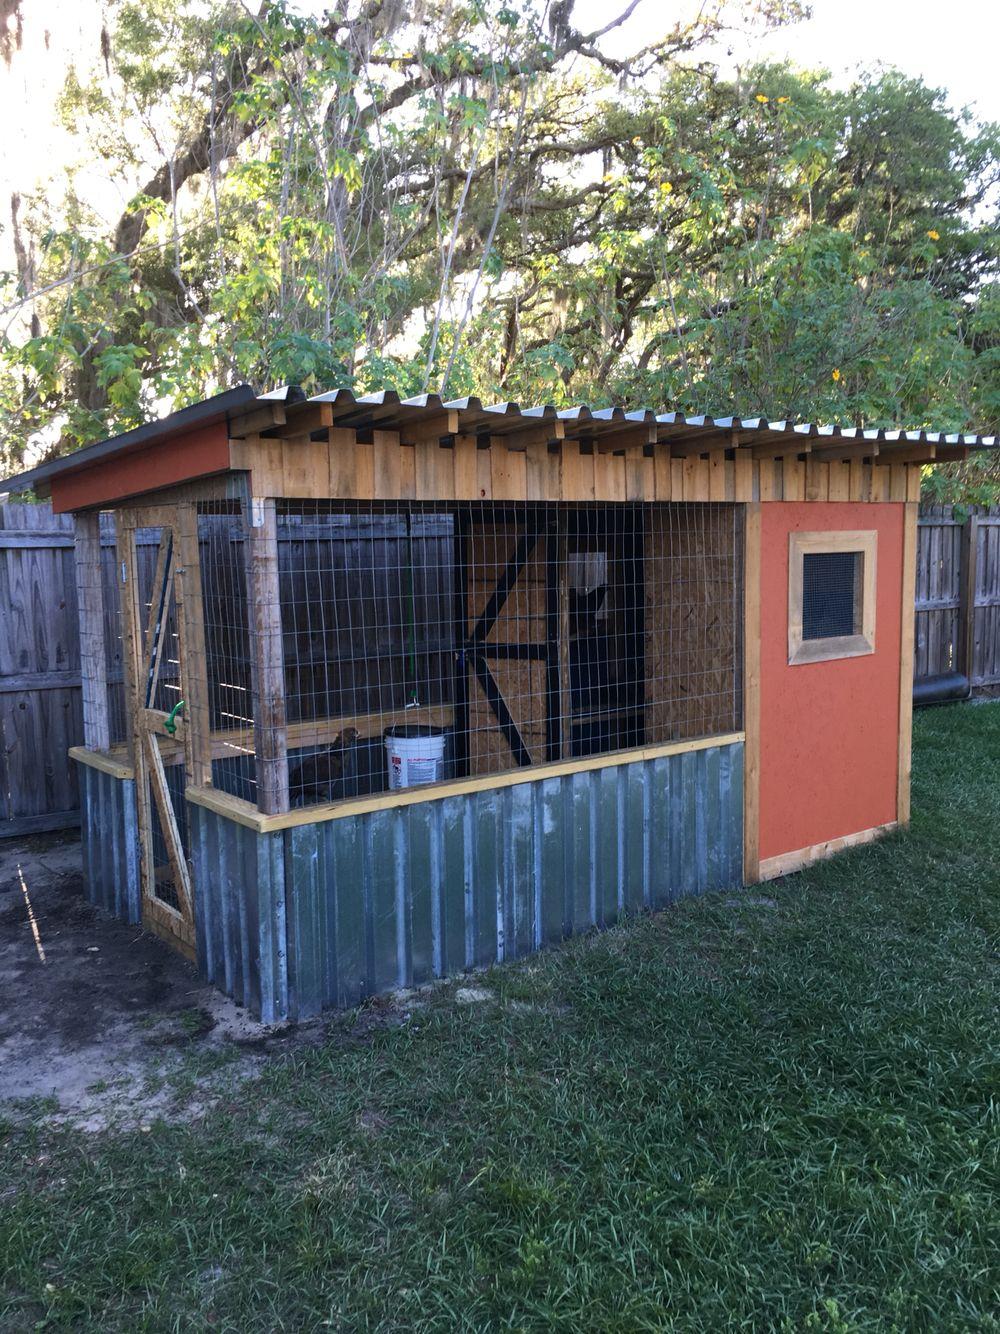 Chicken Coop Diy For The Chickens Gallineros De Patio Trasero Gallineros Gallineros Caseros Backyard chicken house designs